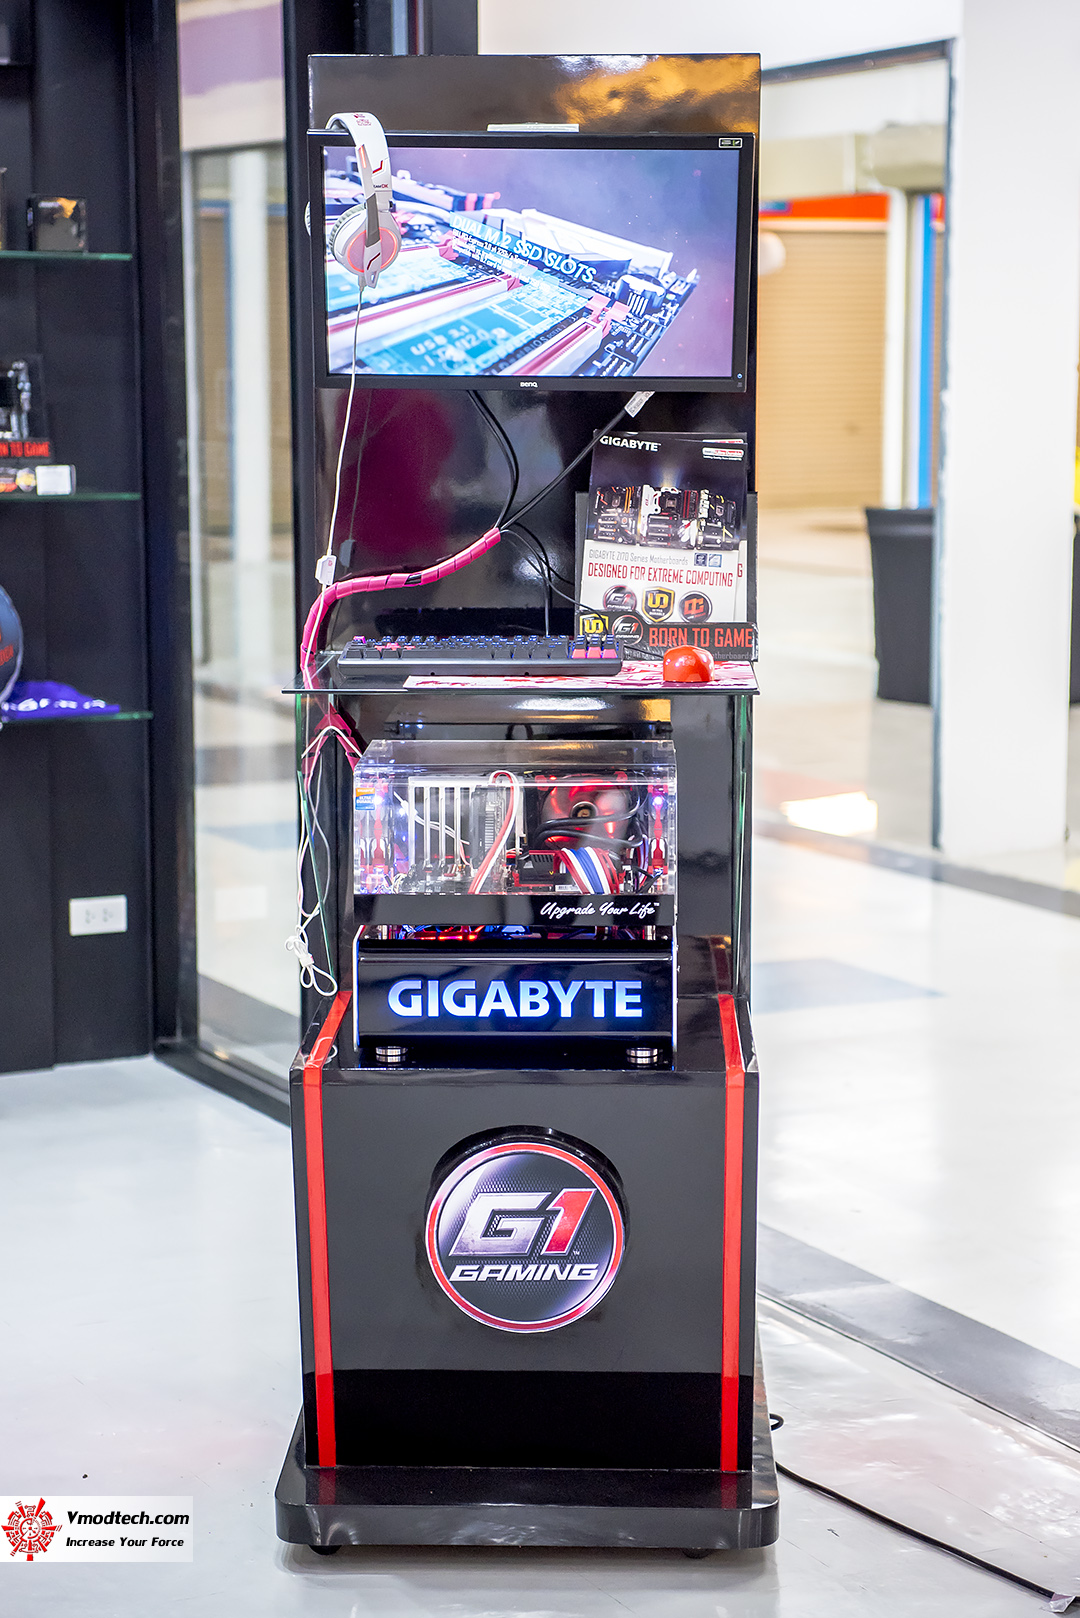 dsc 7645 ภาพบรรยากาศงานเปิดตัว GIGABYTE SHOWROOM อย่างเป็นทางการที่ชั้น 4 ห้าง PALLADIUM IT PRATUNAM